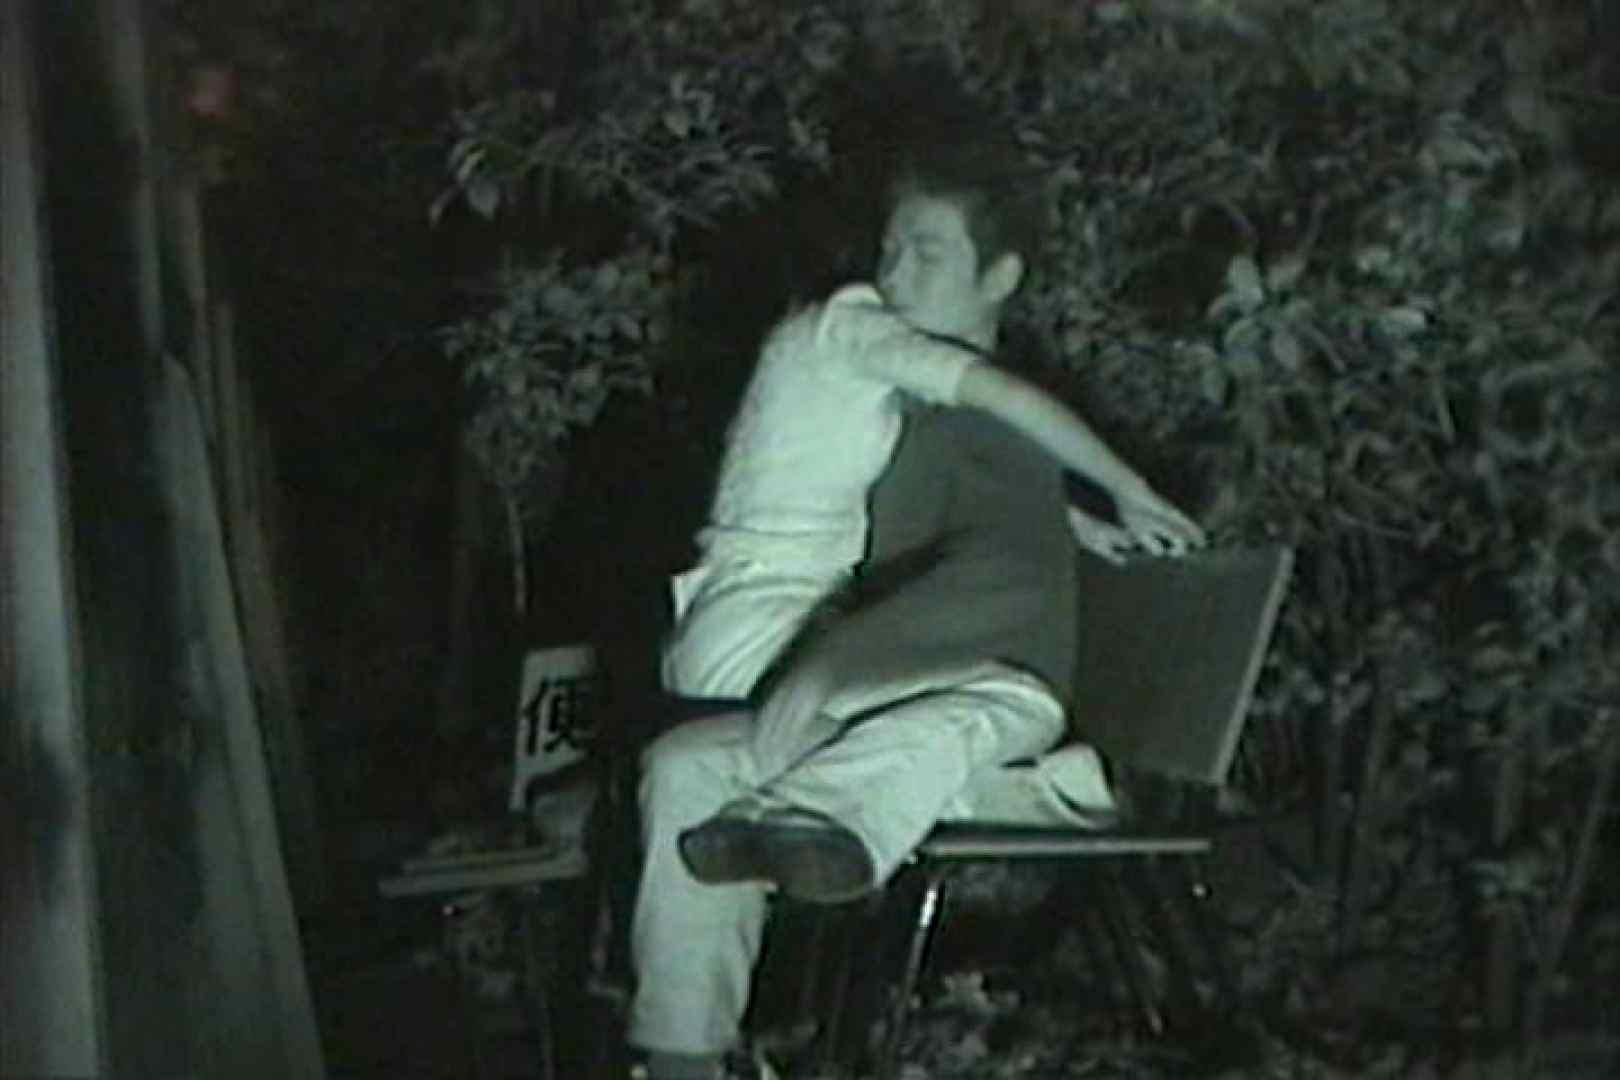 闇の仕掛け人 無修正版 Vol.24 ホテル隠し撮り 隠し撮りオマンコ動画紹介 101pic 3